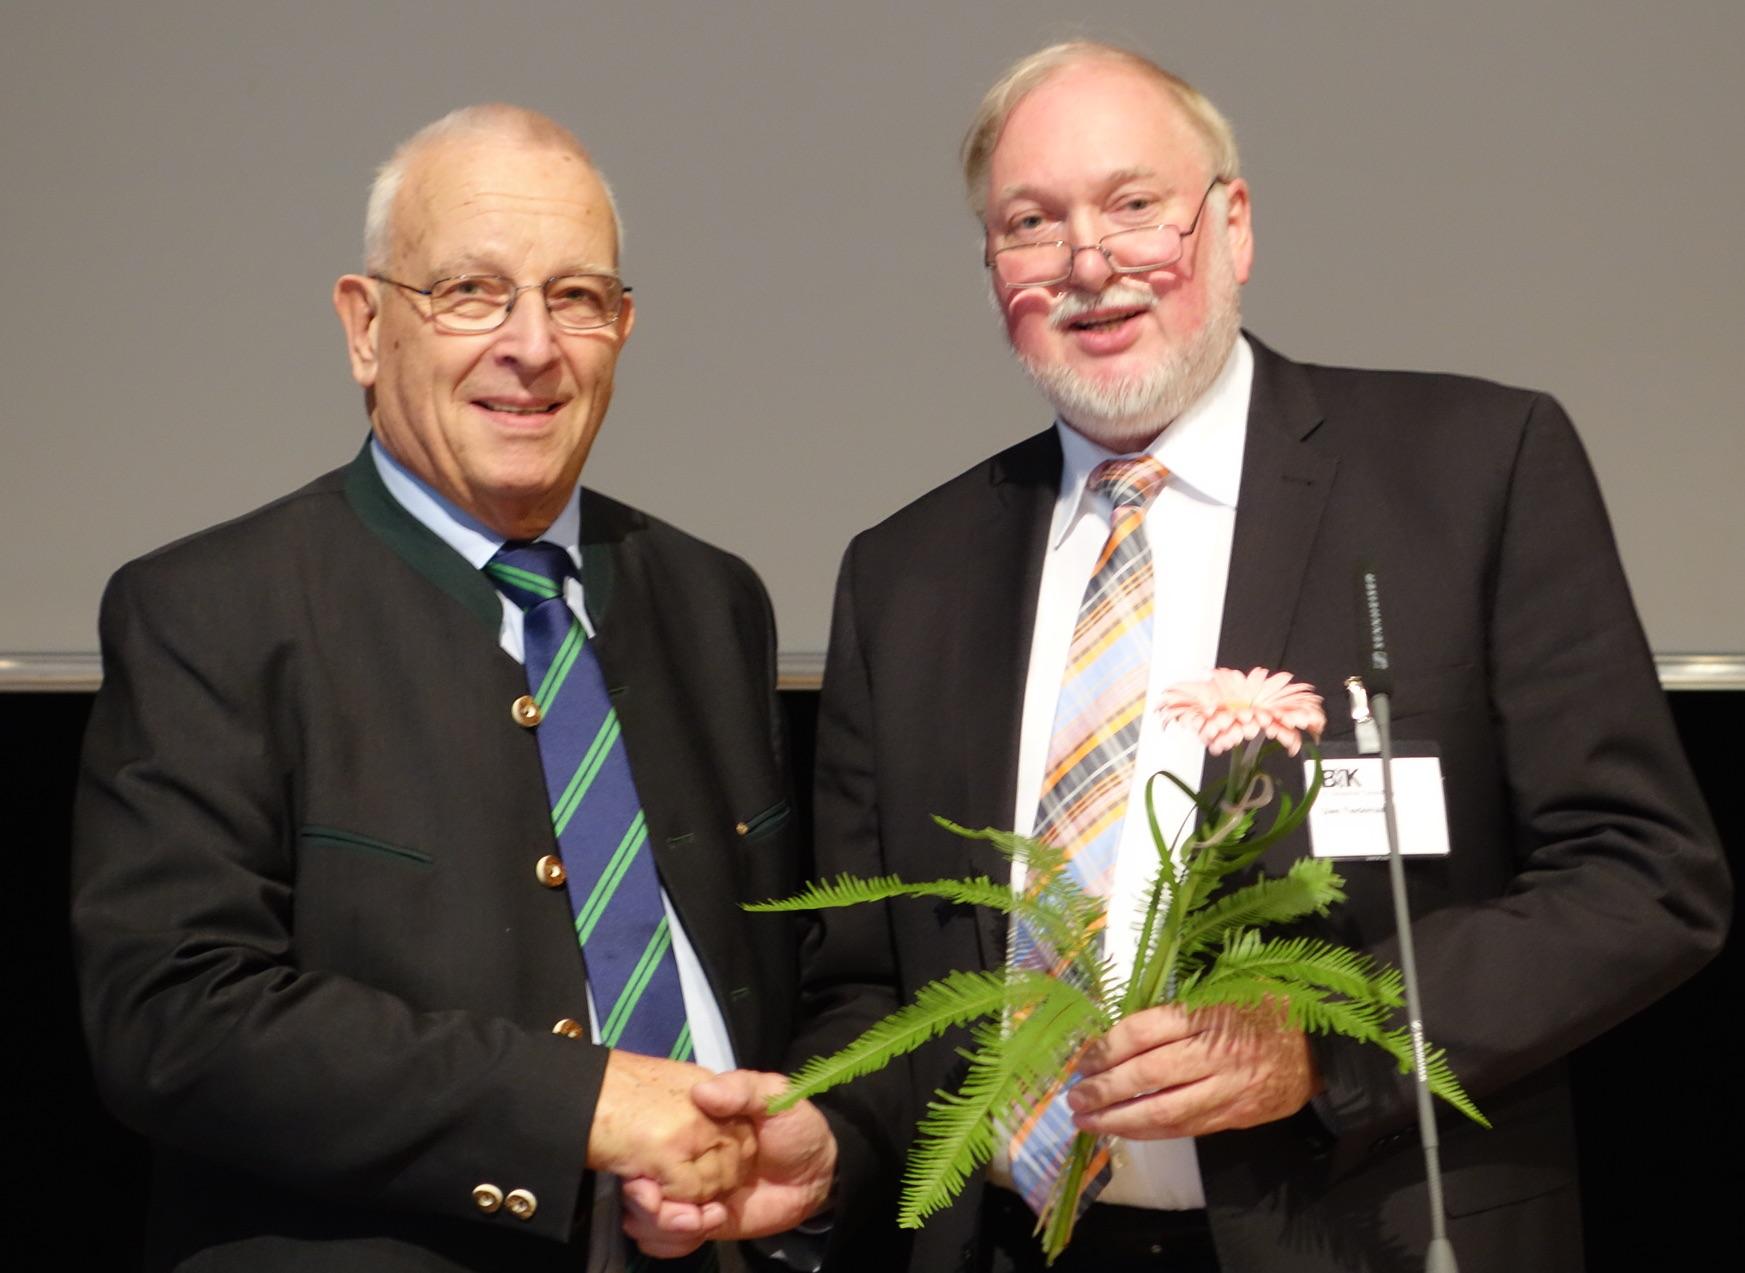 Neuer und alter Präsident der Bundestierärztekammer: Prof. Dr. Theo Mantel (links) gratuliert seinem Nachfolger Dr. Uwe Tiedemann. (Foto: ©WiSiTiA/jh)